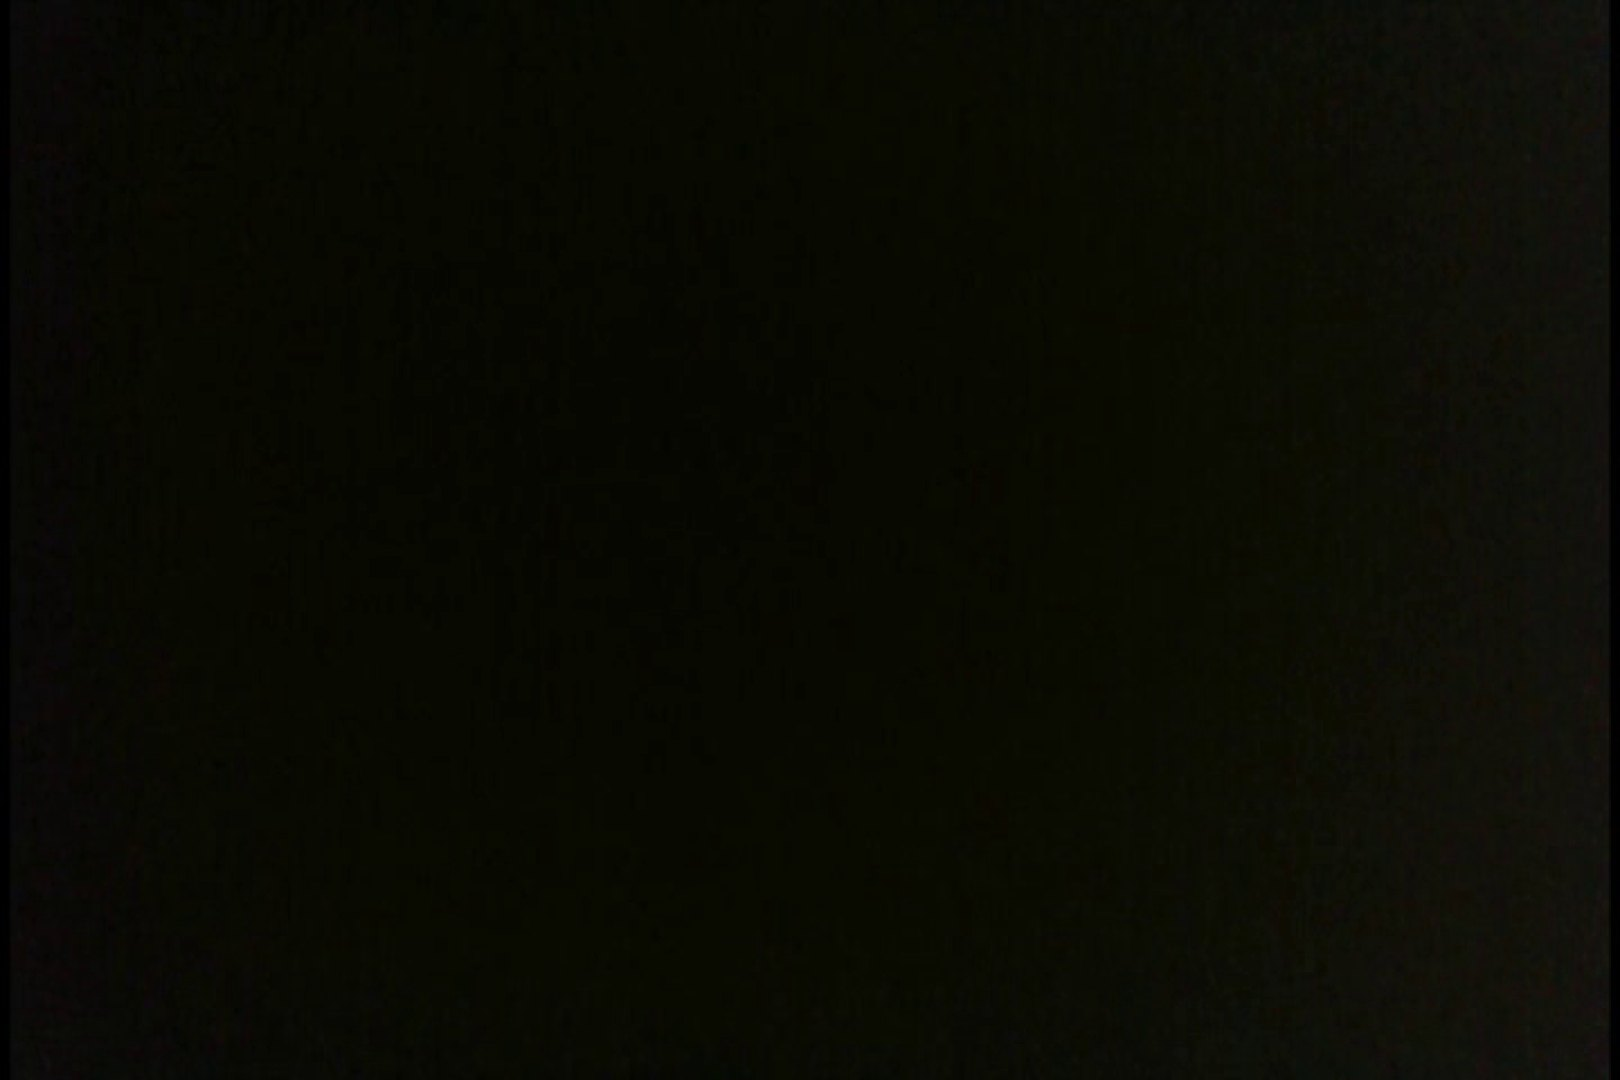 投稿!山下さんの闘病日記 消毒ナース! vol.06 投稿   Hなナース  94pic 5